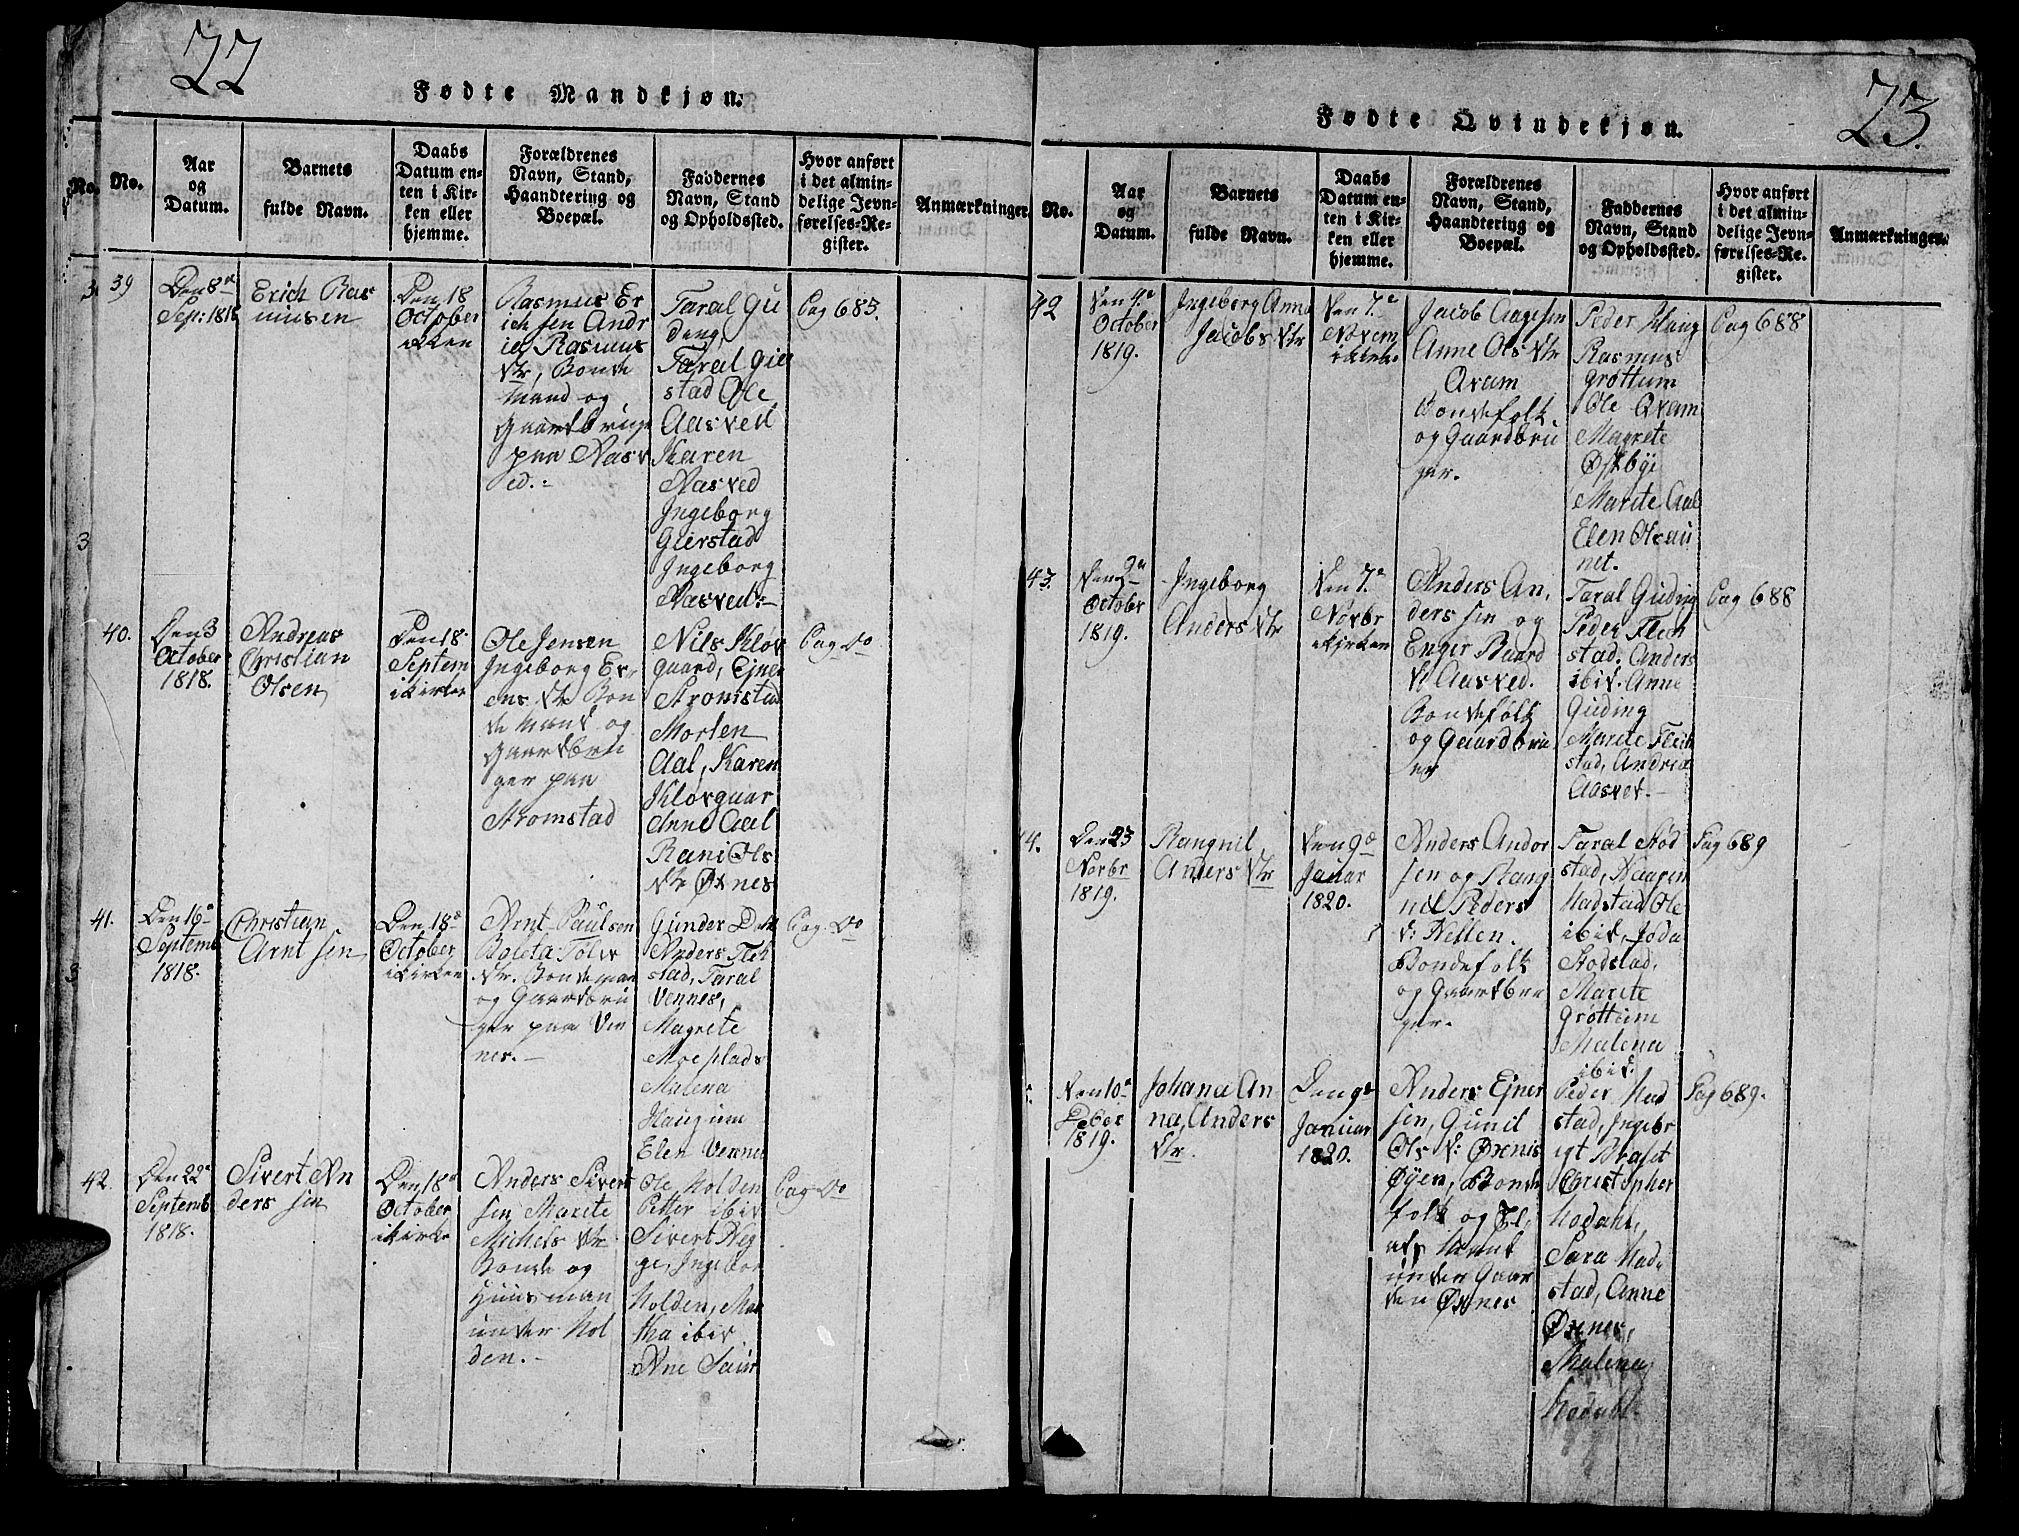 SAT, Ministerialprotokoller, klokkerbøker og fødselsregistre - Nord-Trøndelag, 747/L0459: Klokkerbok nr. 747C01, 1816-1842, s. 22-23